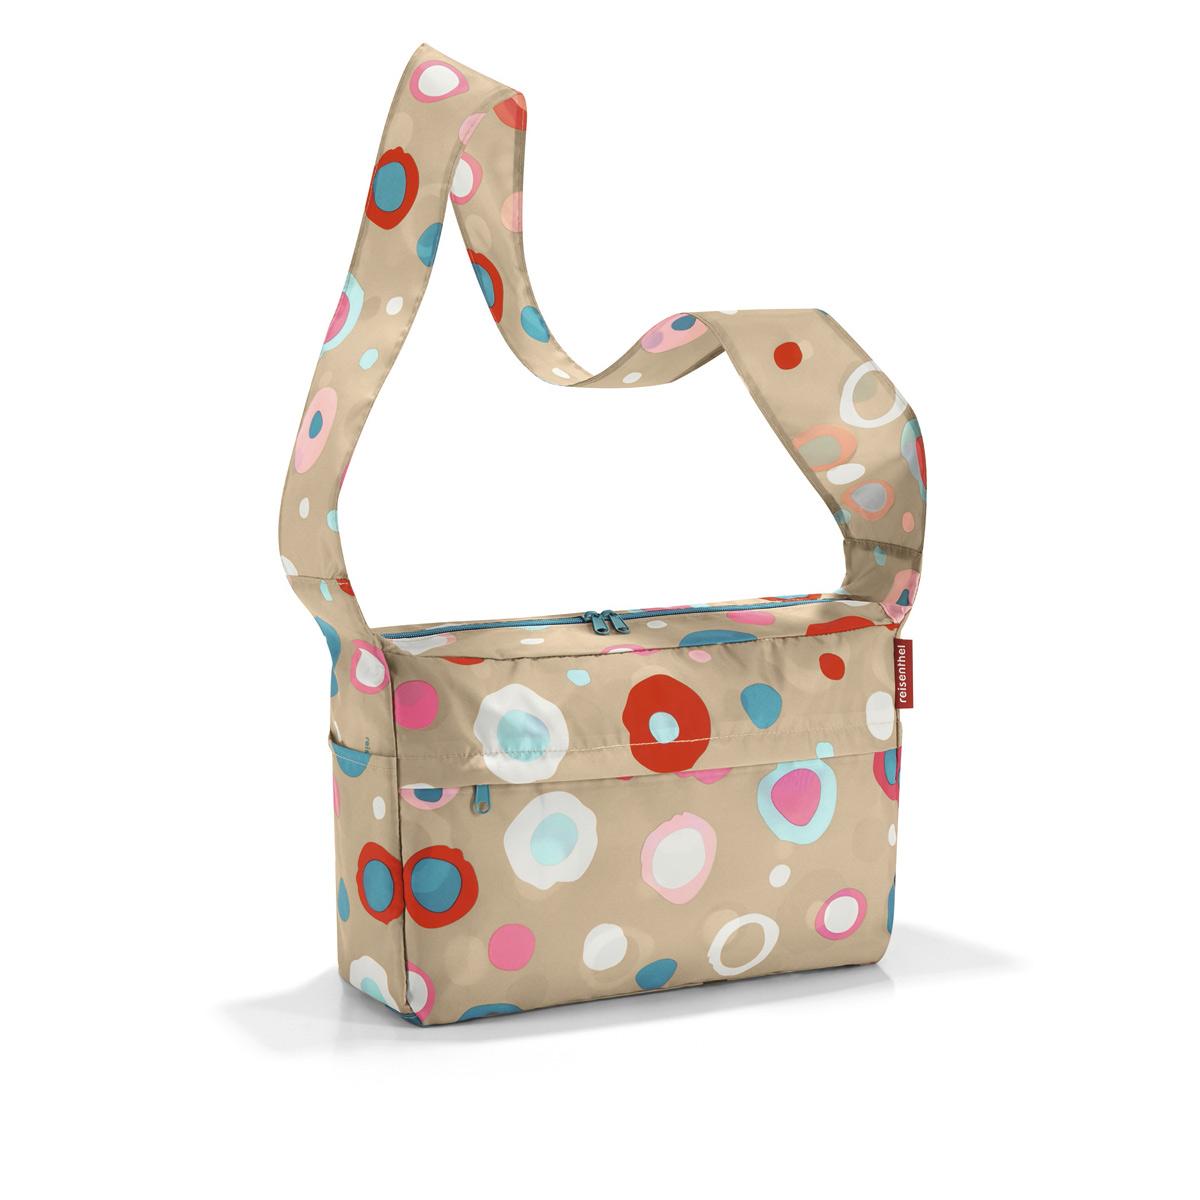 Сумка женская Reisenthel, складная, цвет: бежевый, синий, розовый. AL6034S76245Стильная женская сумка Reisenthel изготовлена из текстиля с оригинальным принтом. Сумка имеет одно отделение, которое закрывается на застежку-молнию с двумя бегунками. Внутри имеется нашивной карман на застежке-молнии, в который сумка складывается и приобретает компактный вид. Снаружи, на передней стенке расположен накладной карман на застежке-молнии, по бокам - открытые накладные карманы. Изделие оснащено удобным плечевым ремнем.